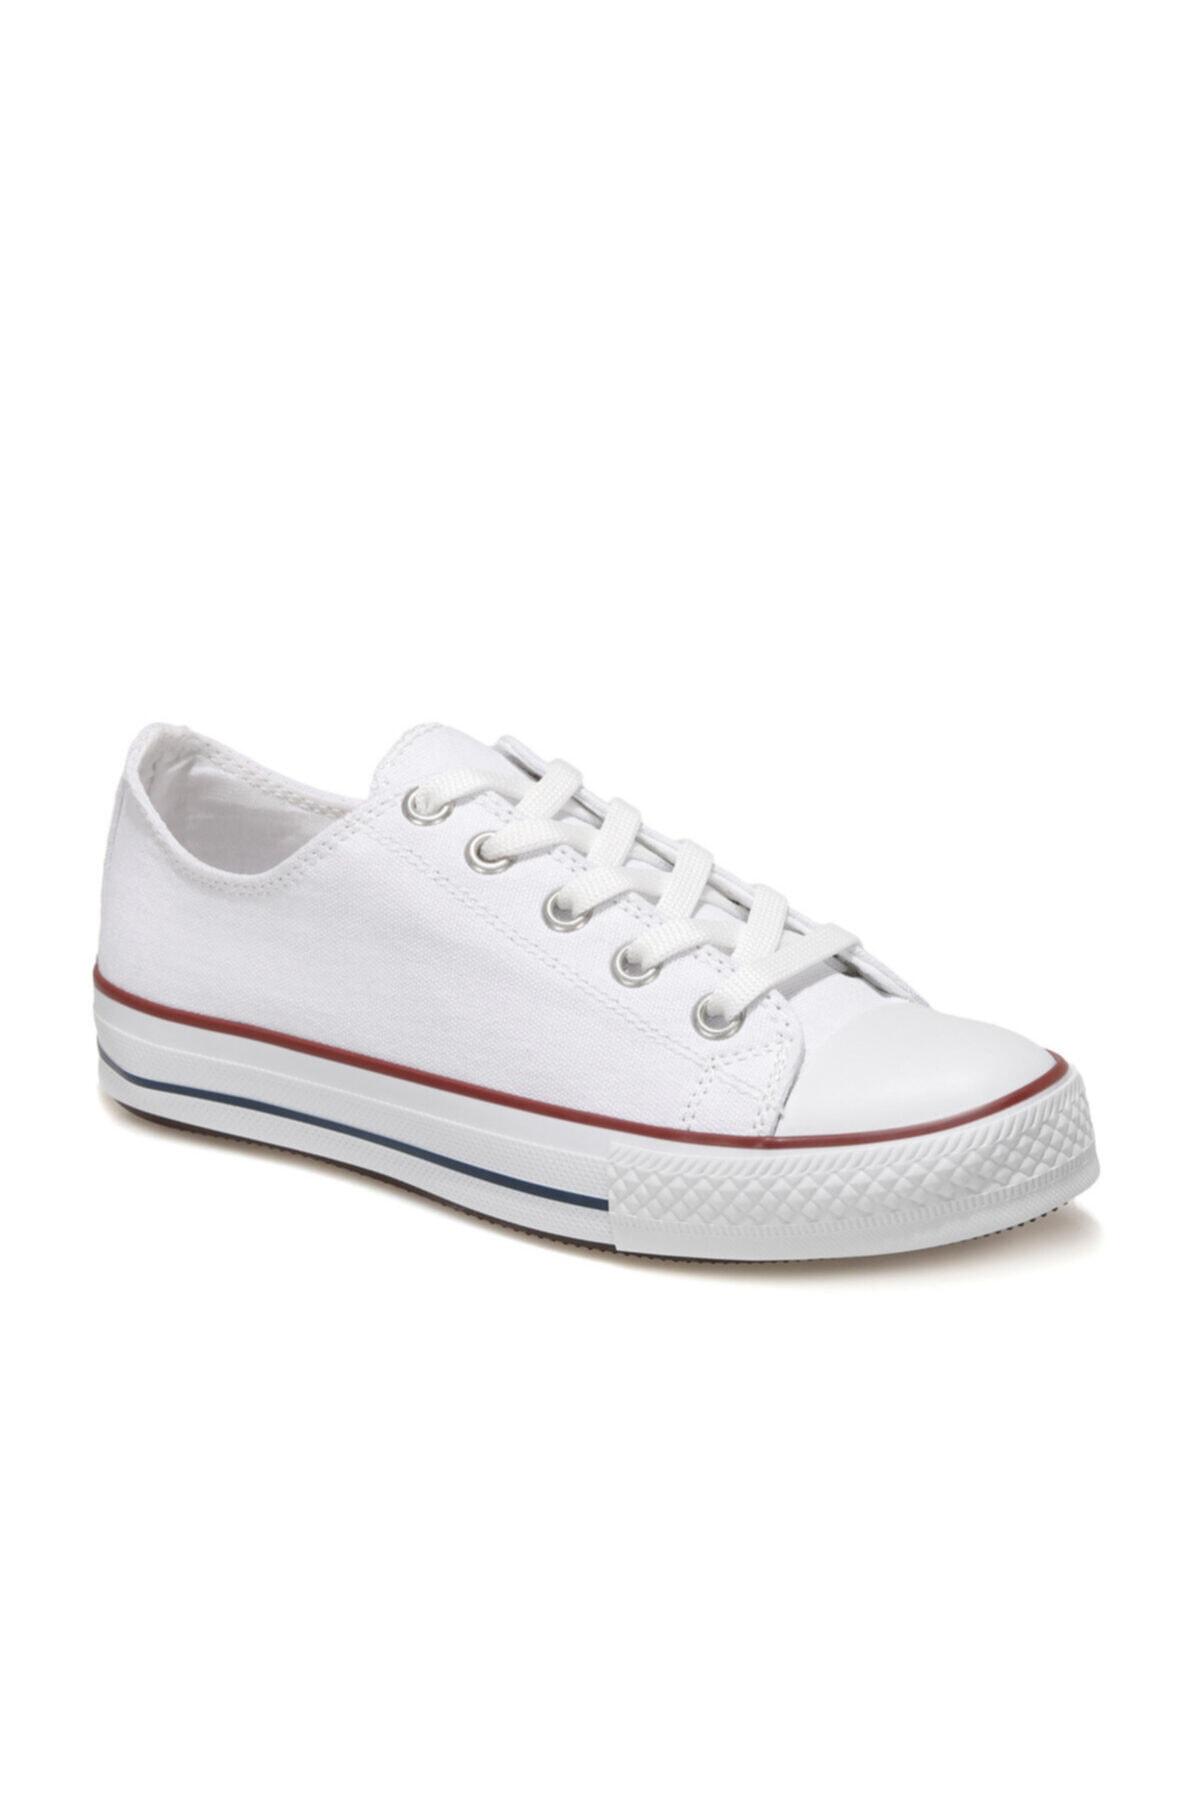 Polaris 515231.G1FX Beyaz Erkek Çocuk Sneaker 101015515 1